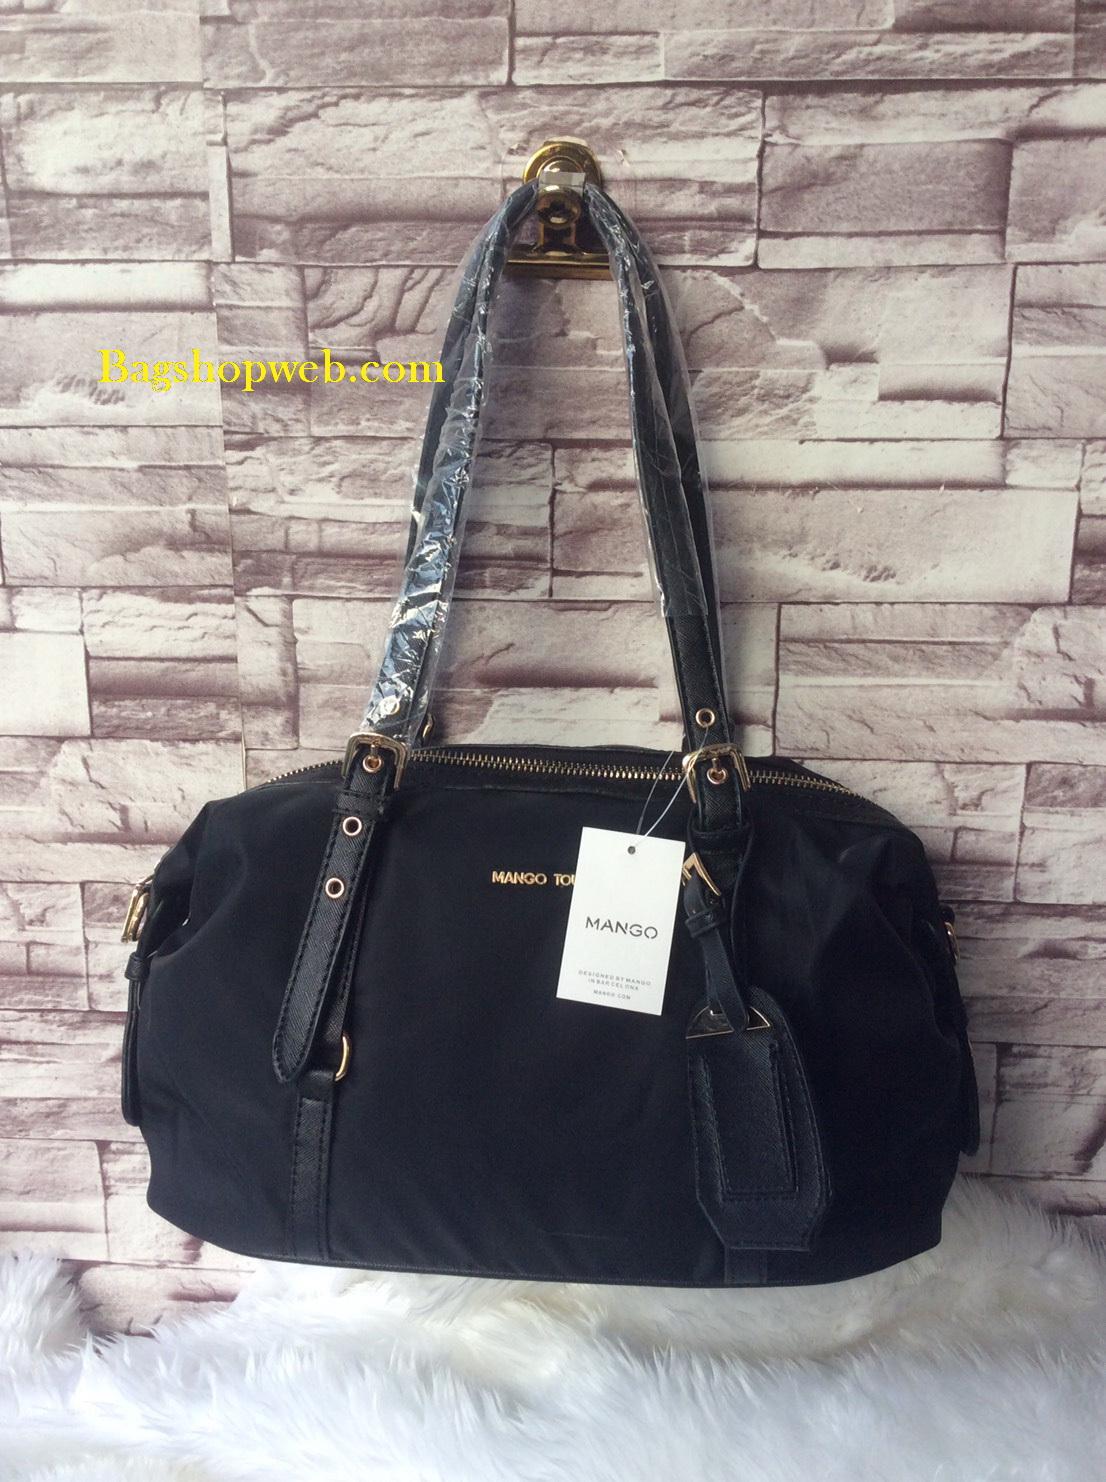 กระเป๋า MANGO NYLON HANDBAG สีดำ กระเป๋าผ้าไนล่อนเนื้อดีและหนา ทรงหมอน มาพร้อมสายสะพายยาว